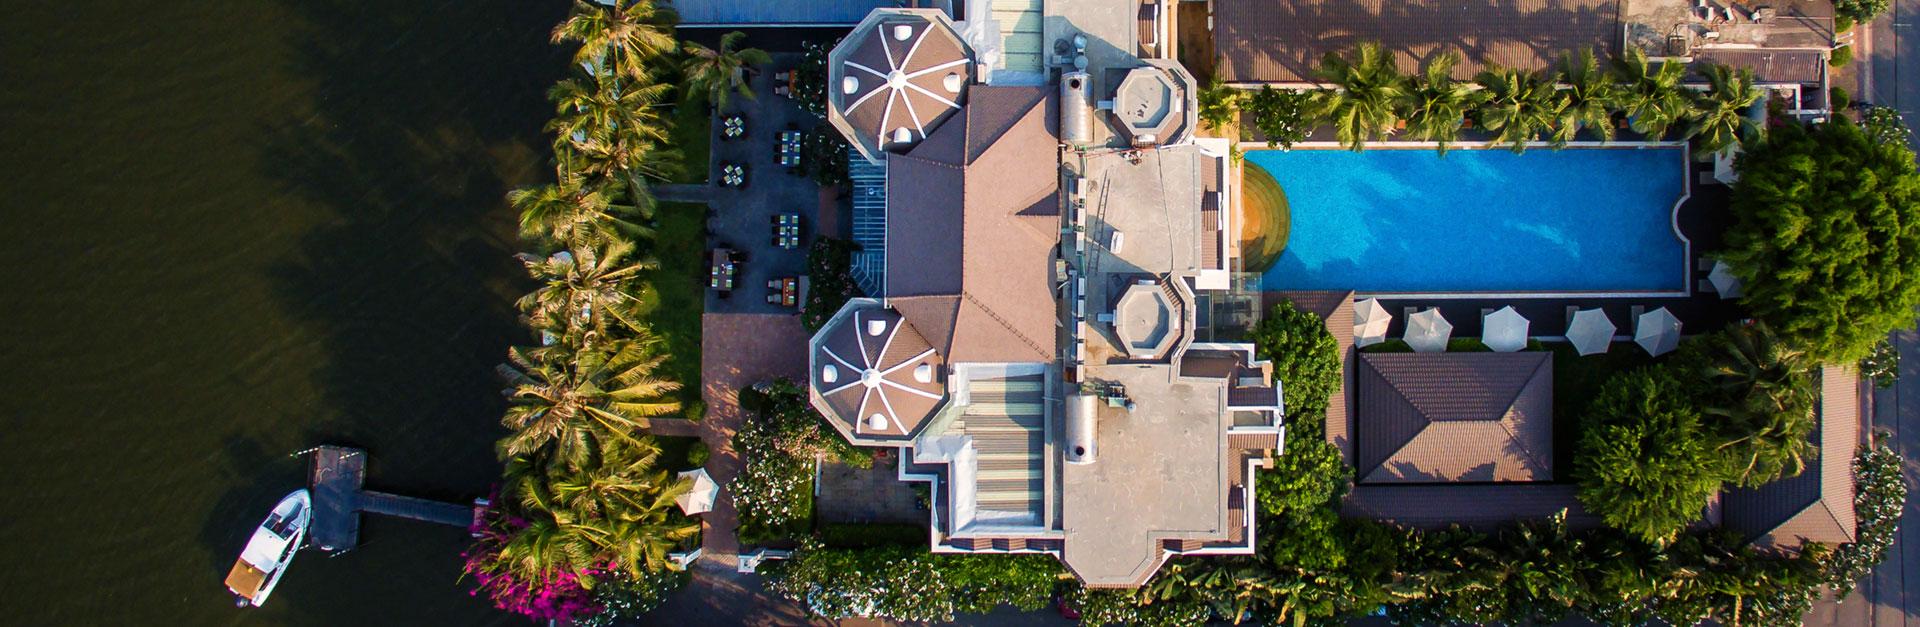 Villa Song Saigon Boutique Luxury Hotel Vietnam Slider Intro